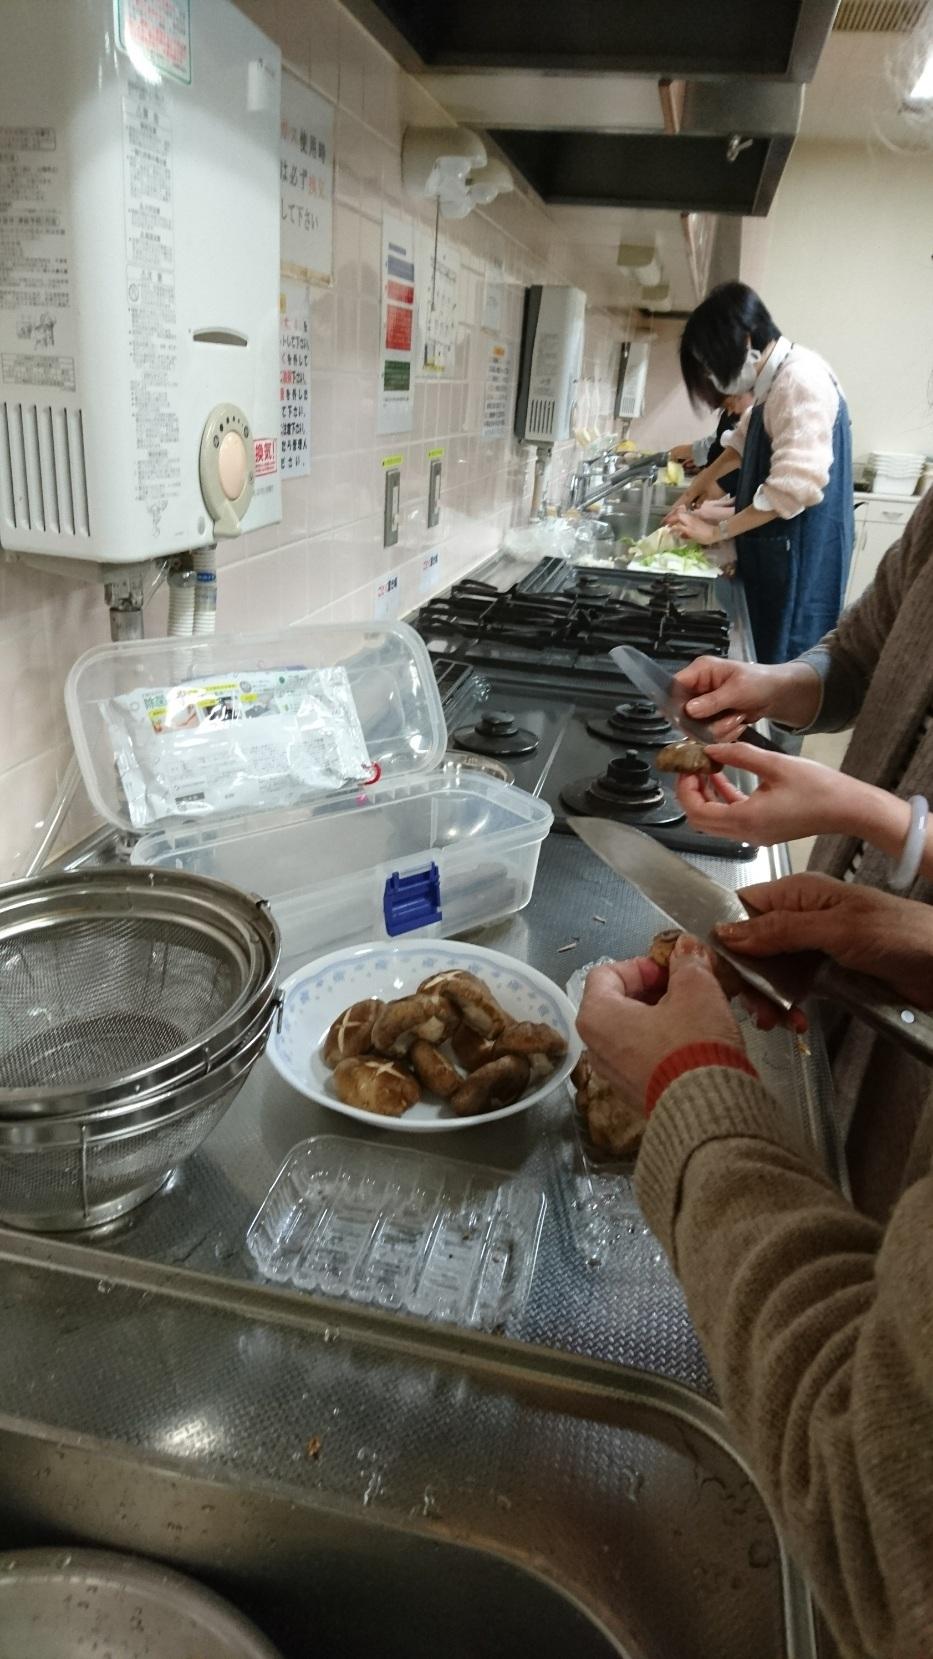 インターナショナルキッチン 「冬はやっぱり鍋でしょう!?」 火曜日朝教室 _e0175020_00313230.jpg